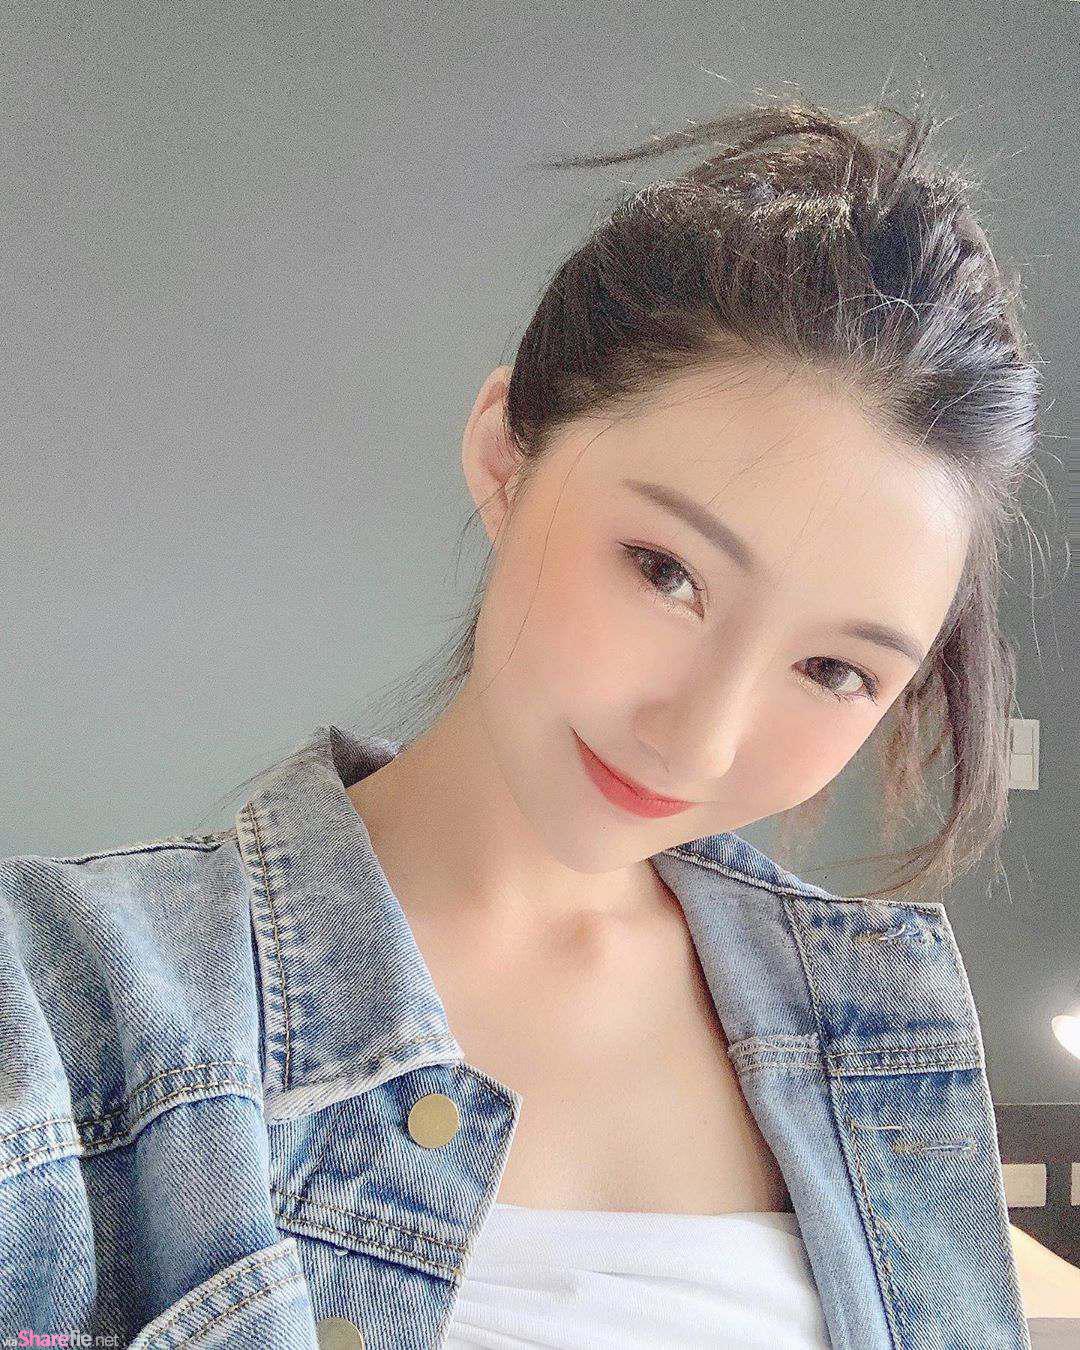 甜美正妹卢盈汝,内衣广告秀出姣好身材,网友:胸型很美